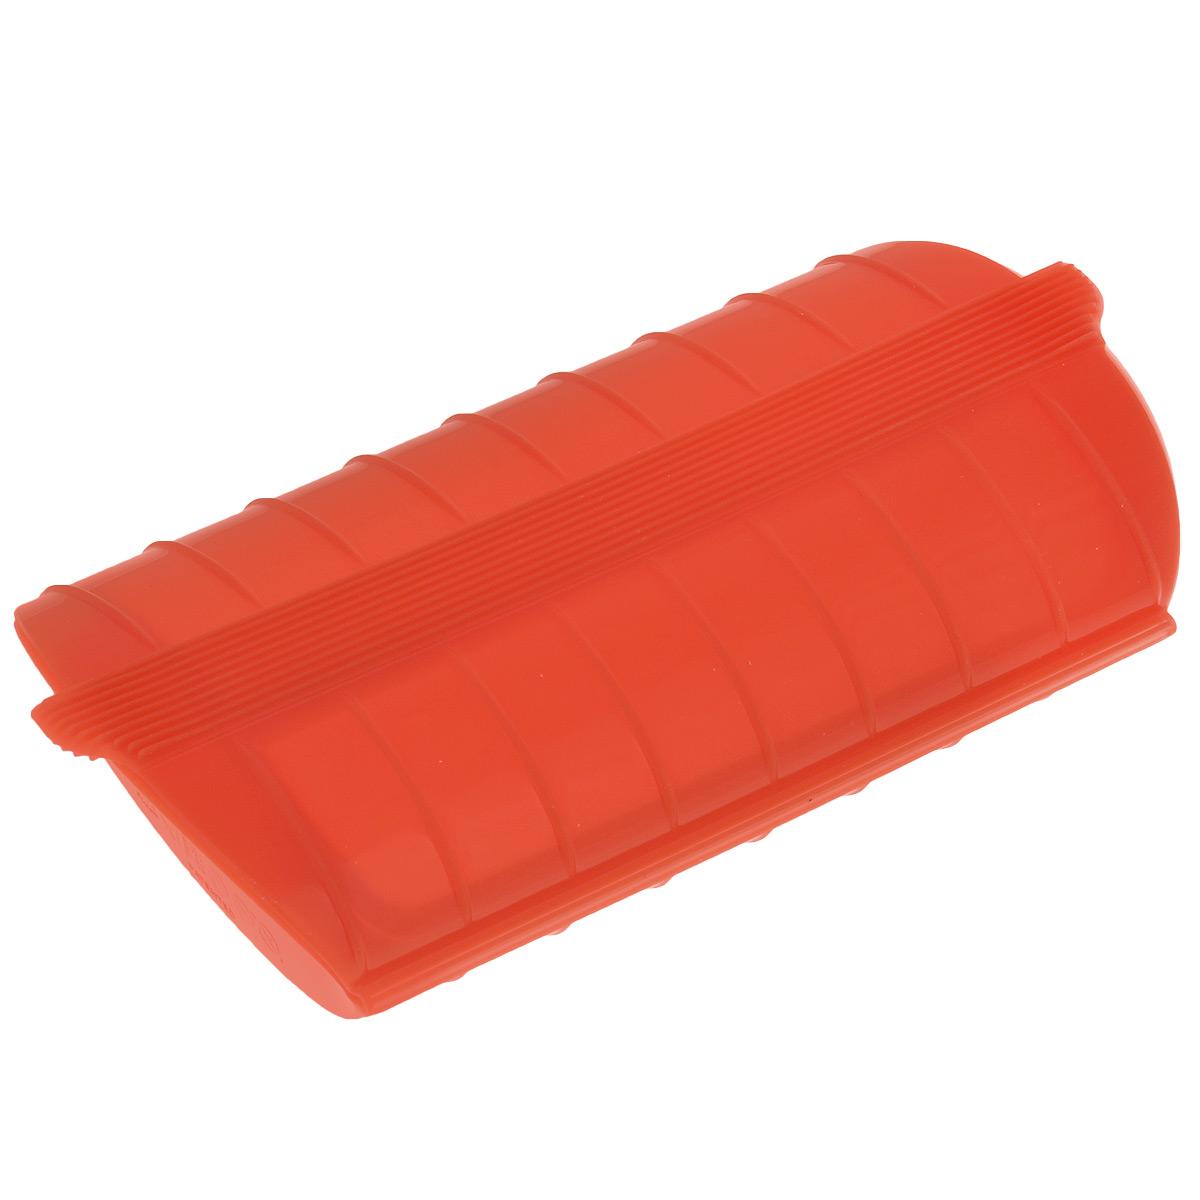 Конверт для запекания Lekue, цвет: красный, ПОДАРОК: цитрус-спрей LekueFS-91909Конверт для запекания Lekue изготовлен из высококачественного пищевого силикона, который выдерживает температуру от -60°С до +220°С. Благодаря особым свойствам силикона, продукты остаются такими же сочными, не пригорают и равномерно пропекаются. Конверт делает оптимальным приготовление пищевых продуктов, делая более интенсивным вкус каждого из них и сохраняя все содержащиеся в них питательные вещества.Для конверта предусмотрен съемный внутренний поддон-решетка, который позволит стечь лишнему жиру и соку во время размораживания, хранения и приготовления. Приготовление пищи можно производить с поддоном или без него, в зависимости от желаемого результата. Конверт закрывается, поэтому жир не разбрызгивается по стенкам духовки. Приготовленное блюдо легко вынимается из конверта и позволяет приготовить одновременно до двух порций. Идеально подходит для приготовления мяса, курицы или рыбы. В дополнение к основным достоинствам конверта для запекания с поддоном - он невероятно практичен и легко моется как традиционным способом, так и в посудомоечной машине.Можно использовать в духовке и микроволновой печи.В подарок к контейнеру идет цитрус-спрей Lekue.Цитрус-спрей Lekue - это насадка с клапаном, выполнена из пластика. Предназначена для того чтобы придать фирменному блюду или напитку настоящий цитрусовый вкус.Метод использования очень прост: срежьте верхнюю часть цитрусового плода, ввинтите в мякоть и уникальный цитрусовый спрей готов. Насадку можно использовать для всех видов цитрусовых: лимонов и апельсинов, мандаринов, лаймов, грейпфрутов и других.Размер цитрус-спрея: 9,5 х 4,5 х 4,5 см.